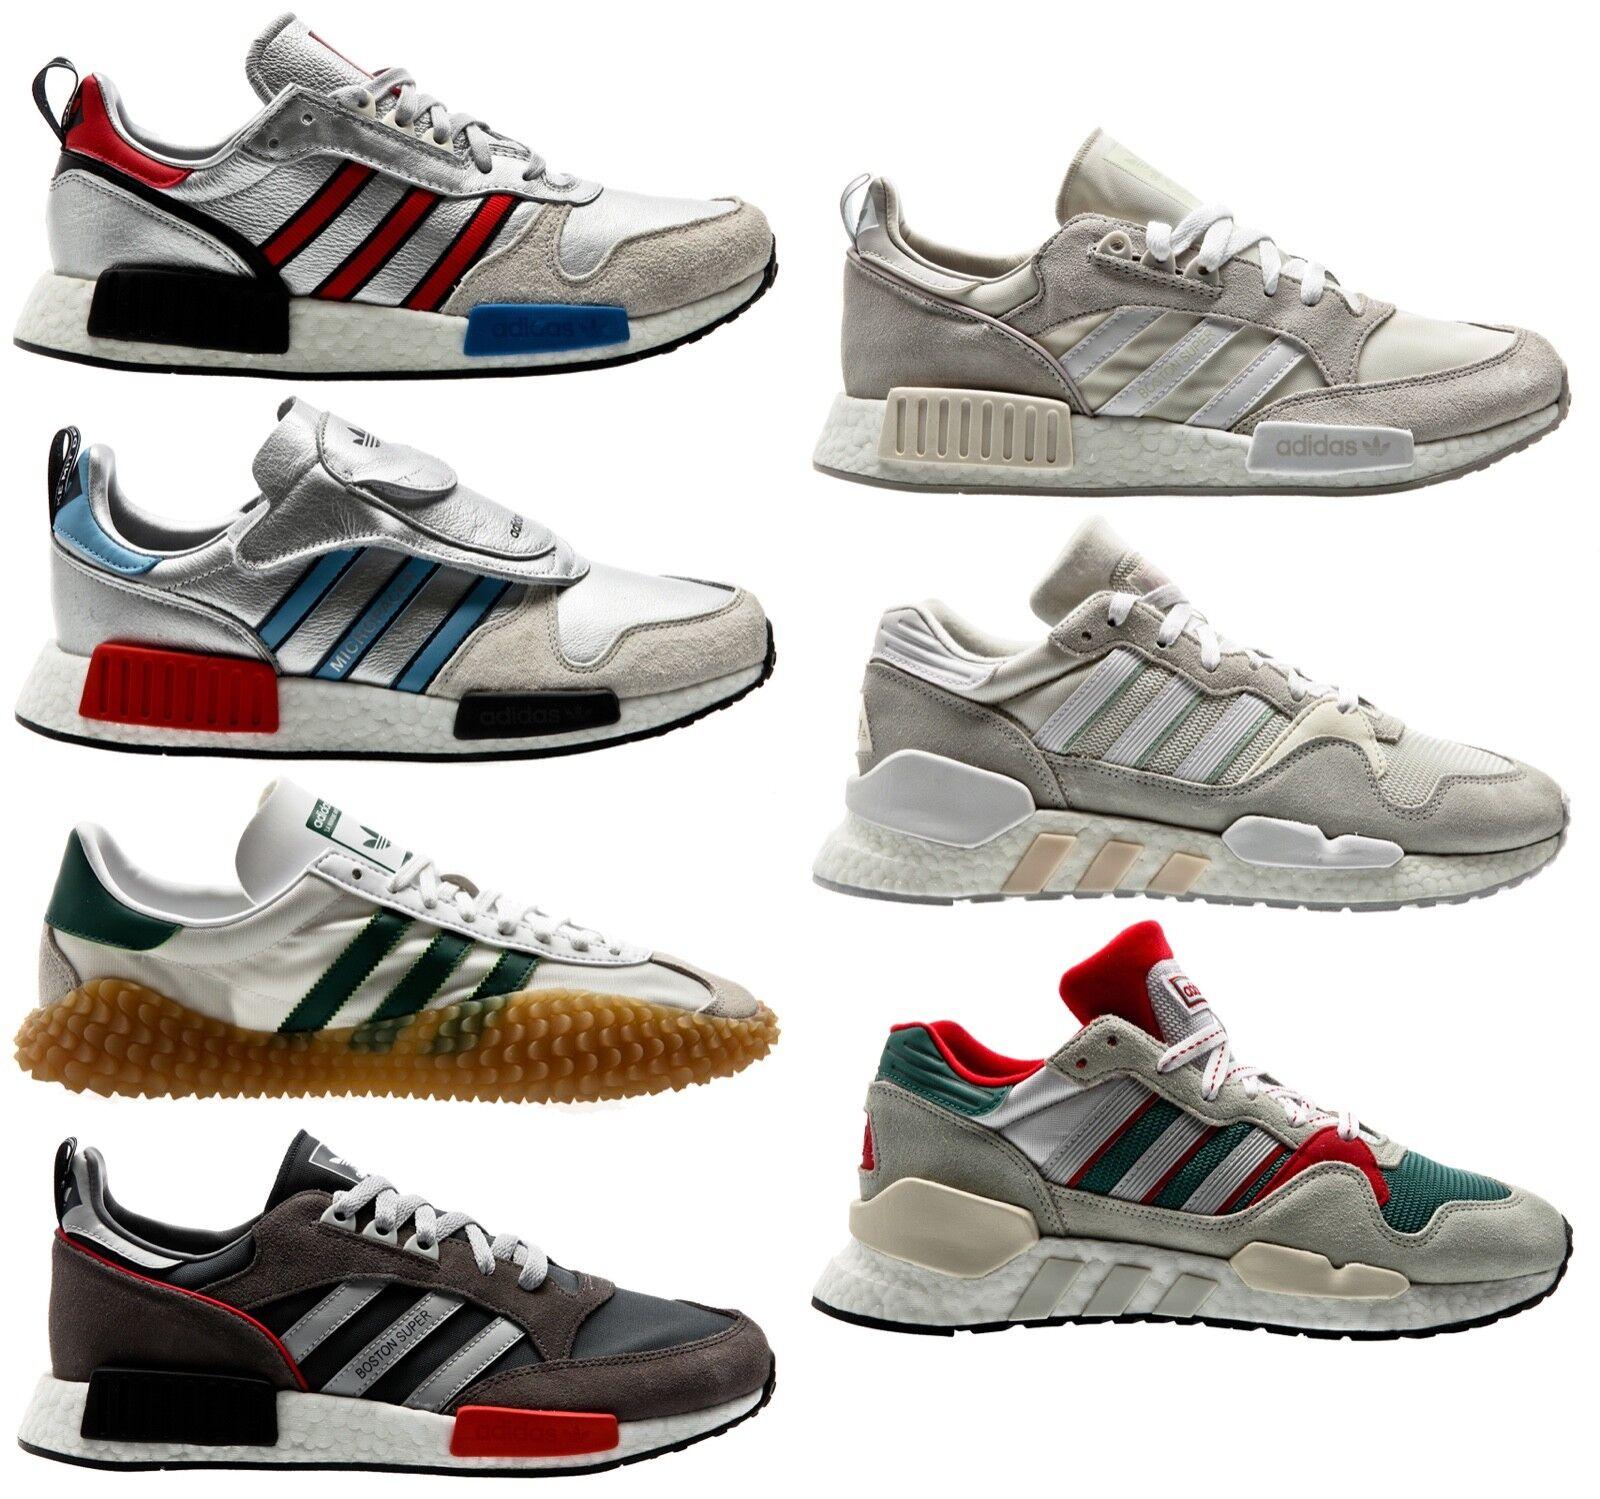 Adidas originales nunca hecho Pack limitado hombres zapatillas zapatos de hombre